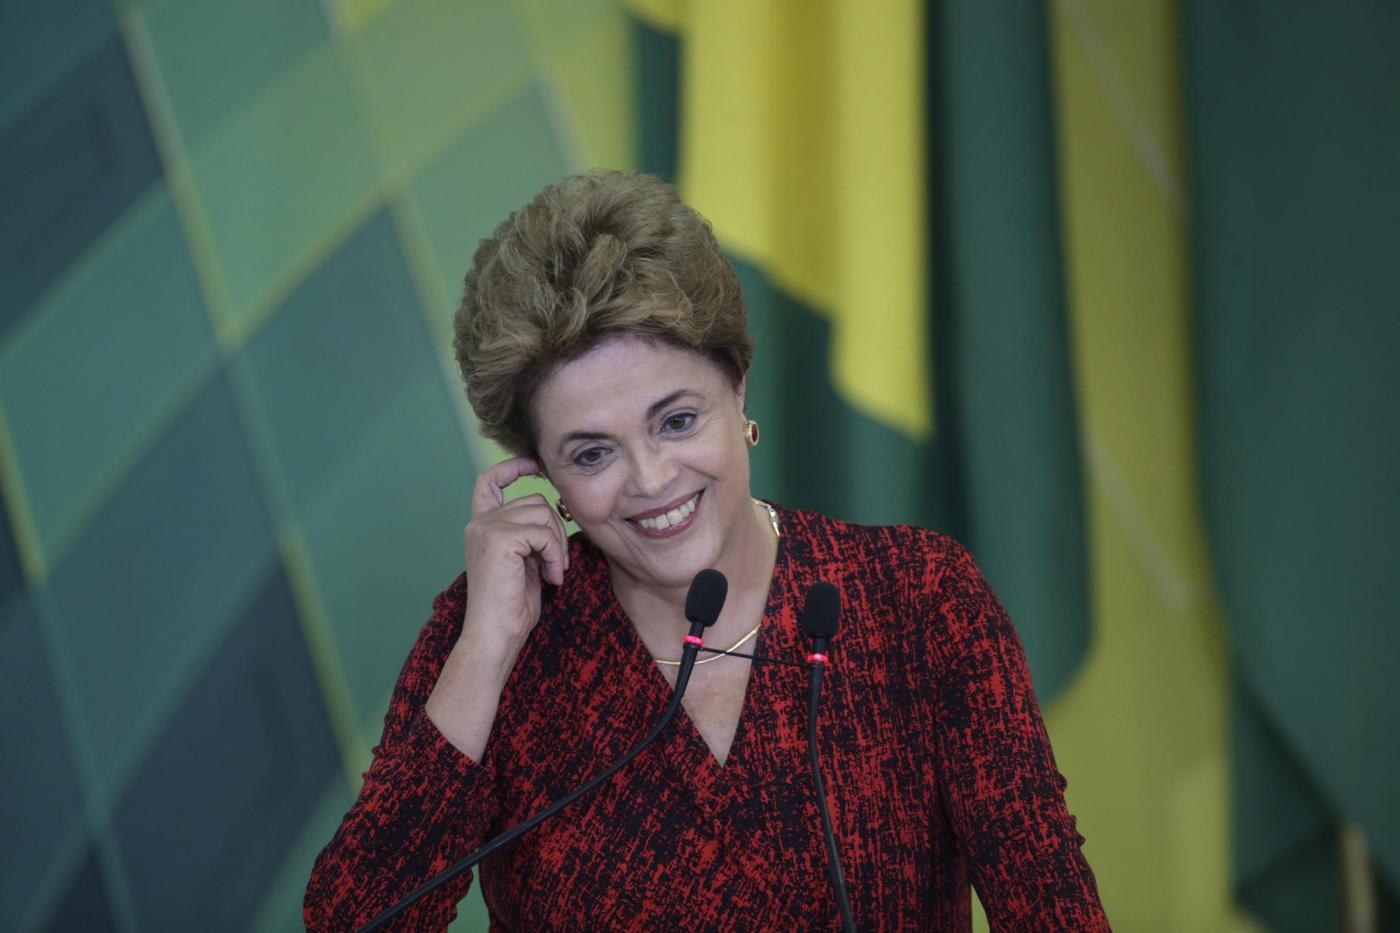 Sostenitori Rousseff al Planalto dopo stop impeachment